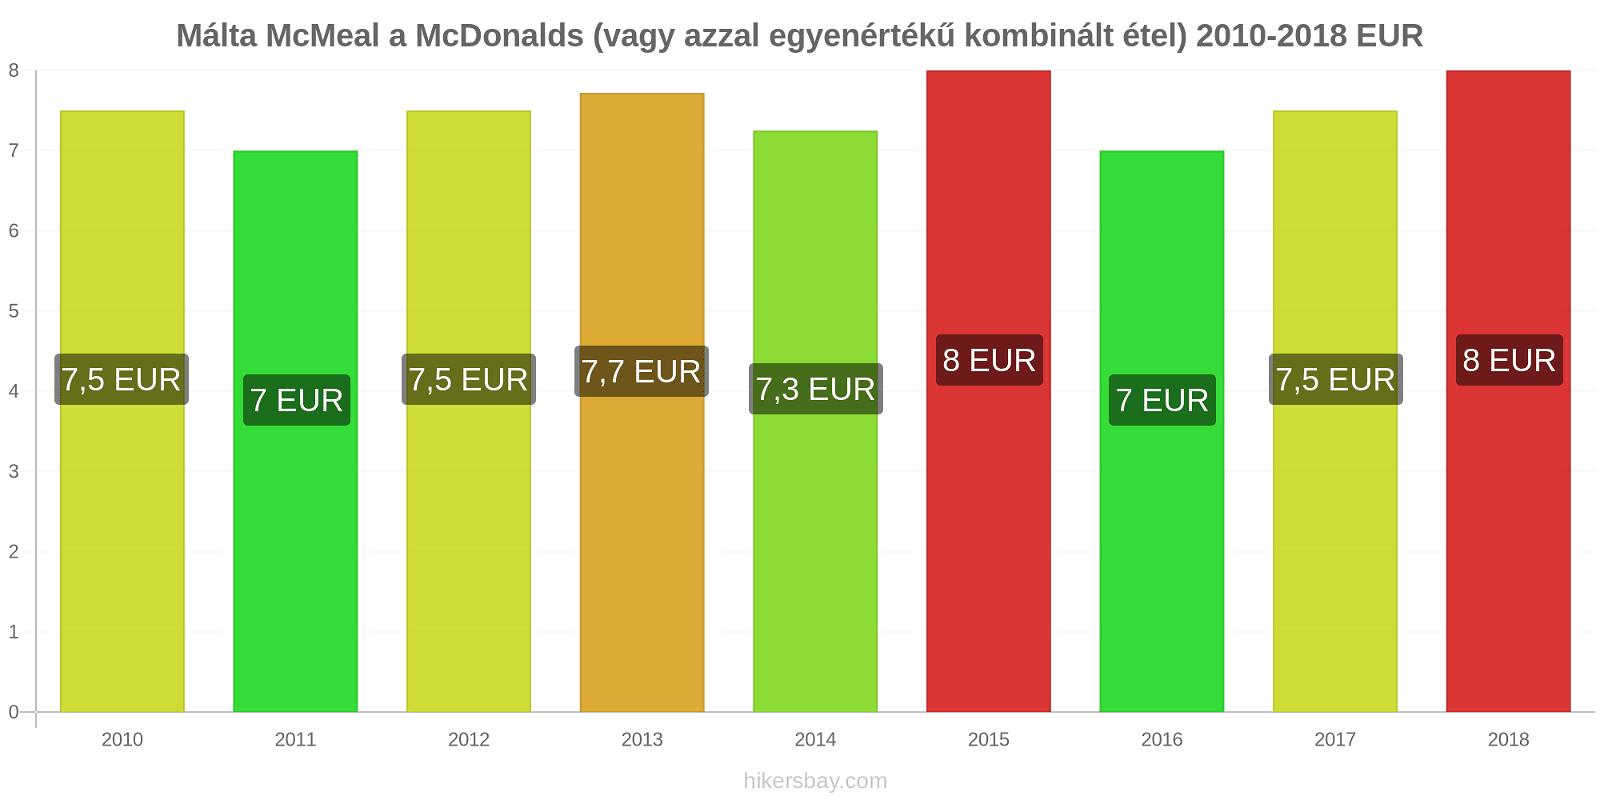 Málta árváltozások McMeal a McDonalds (vagy azzal egyenértékű kombinált étel) hikersbay.com